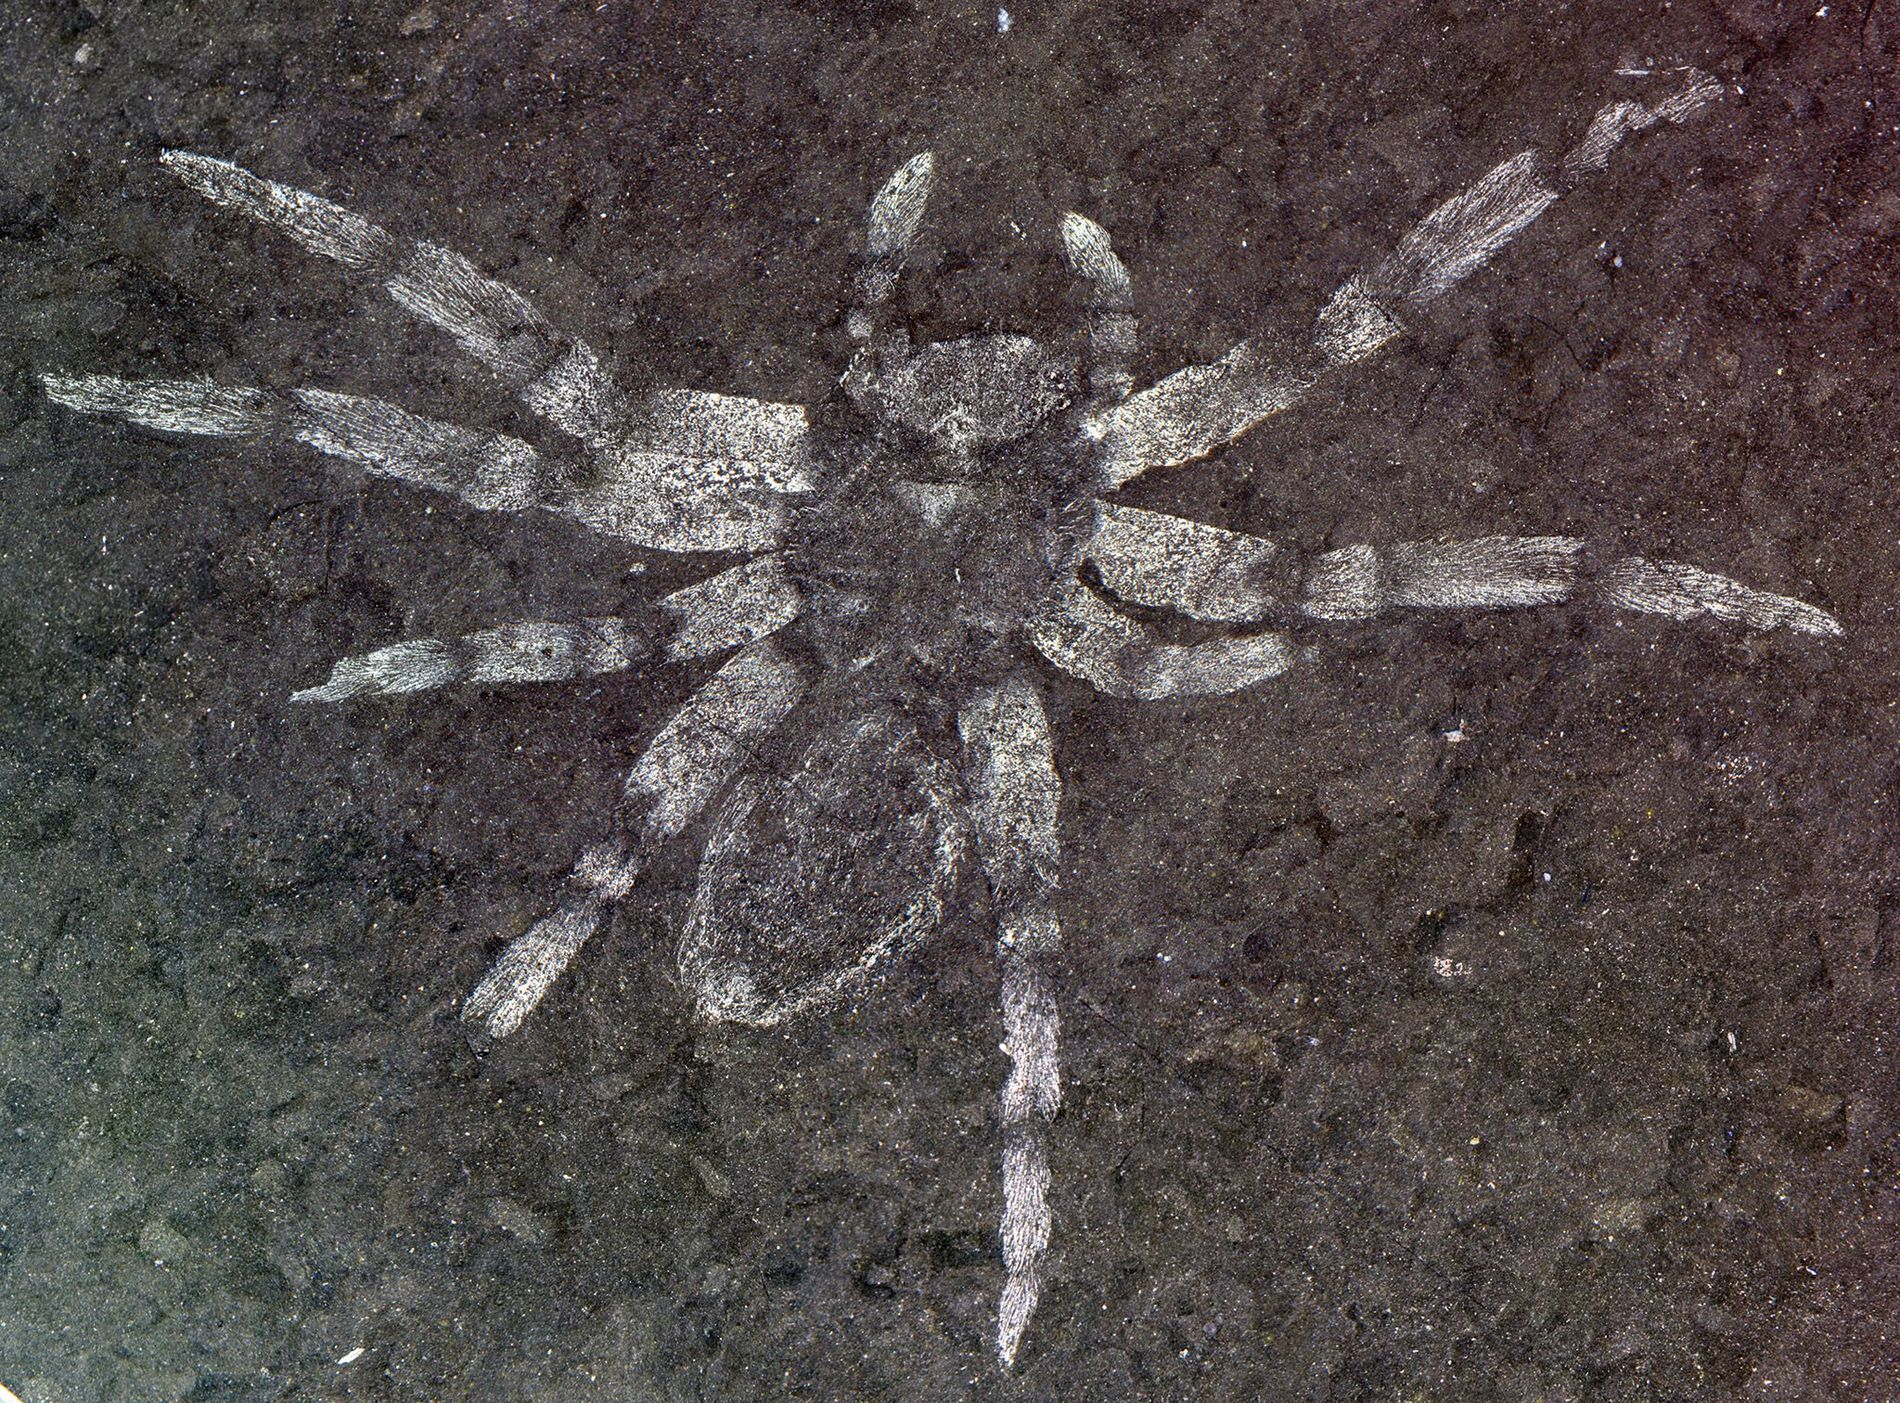 O espécime que definiu a Koreamegops samsiki, uma espécie recém-descoberta de aranhas que viveram onde hoje ...